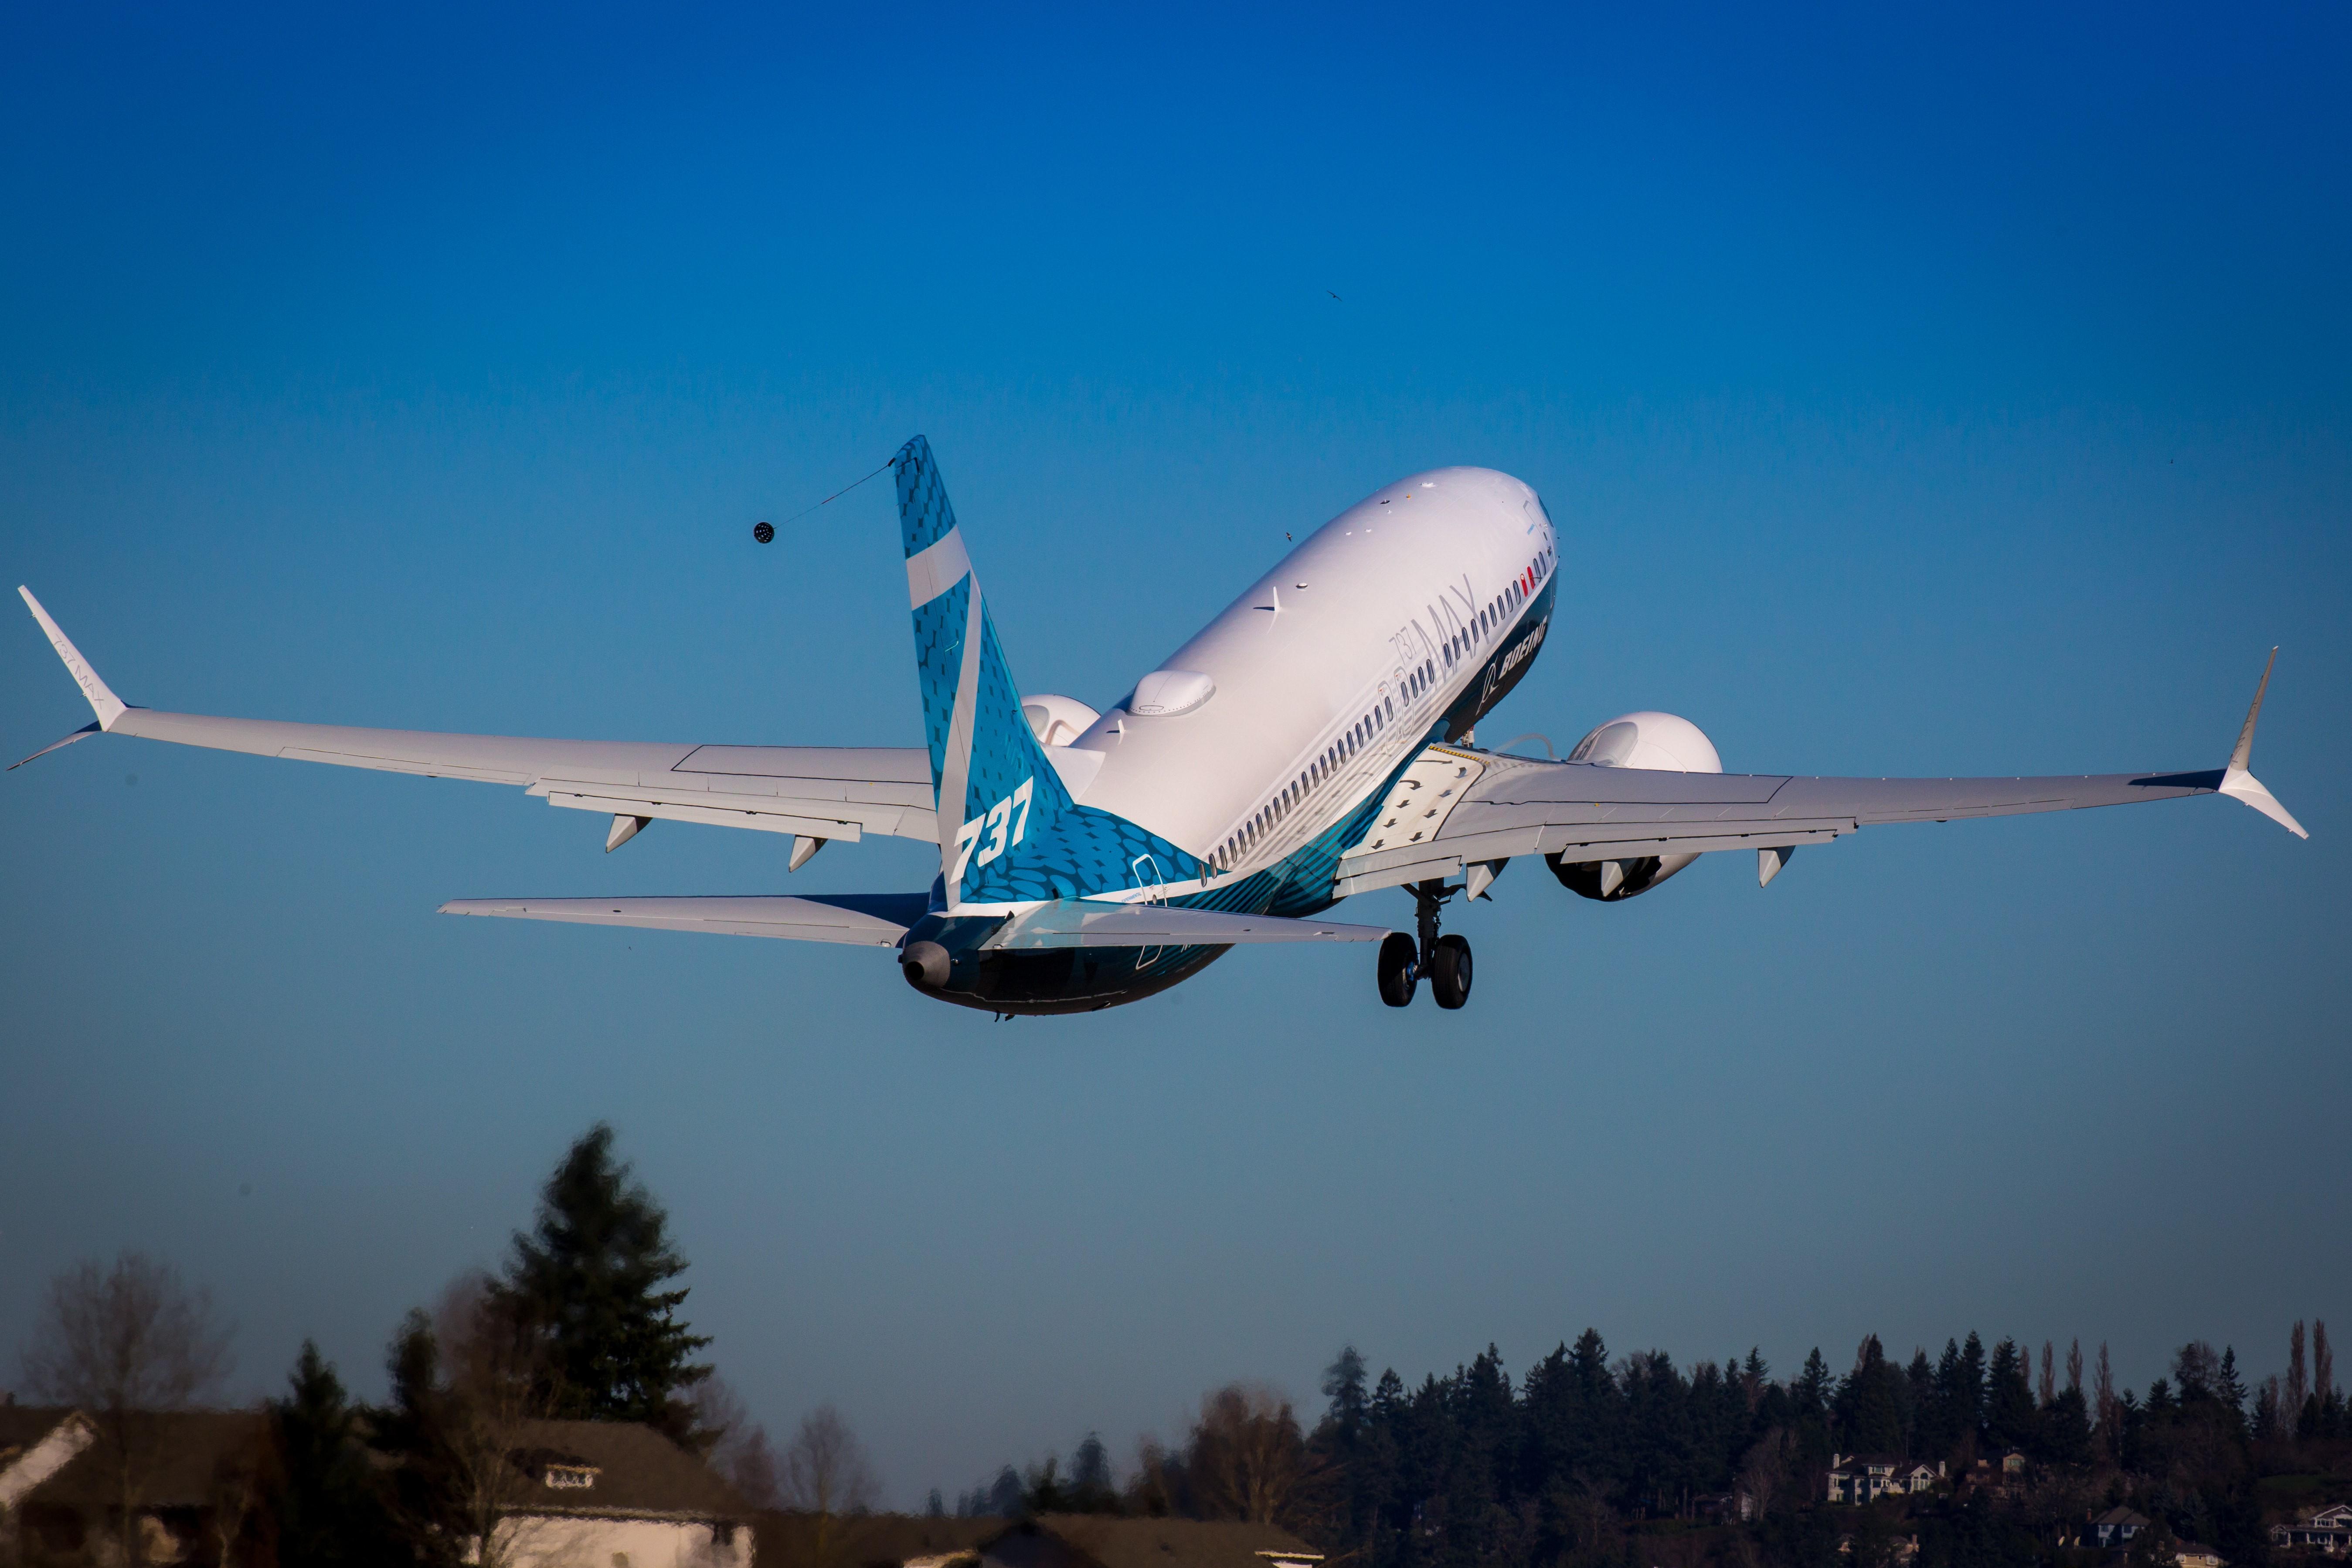 Ismét levegőben a 737MAX-ok: megkezdődött a tavaly márciusban leállított típus tesztrepülése már a frissített szoftverekkel (fotó: Boeing)